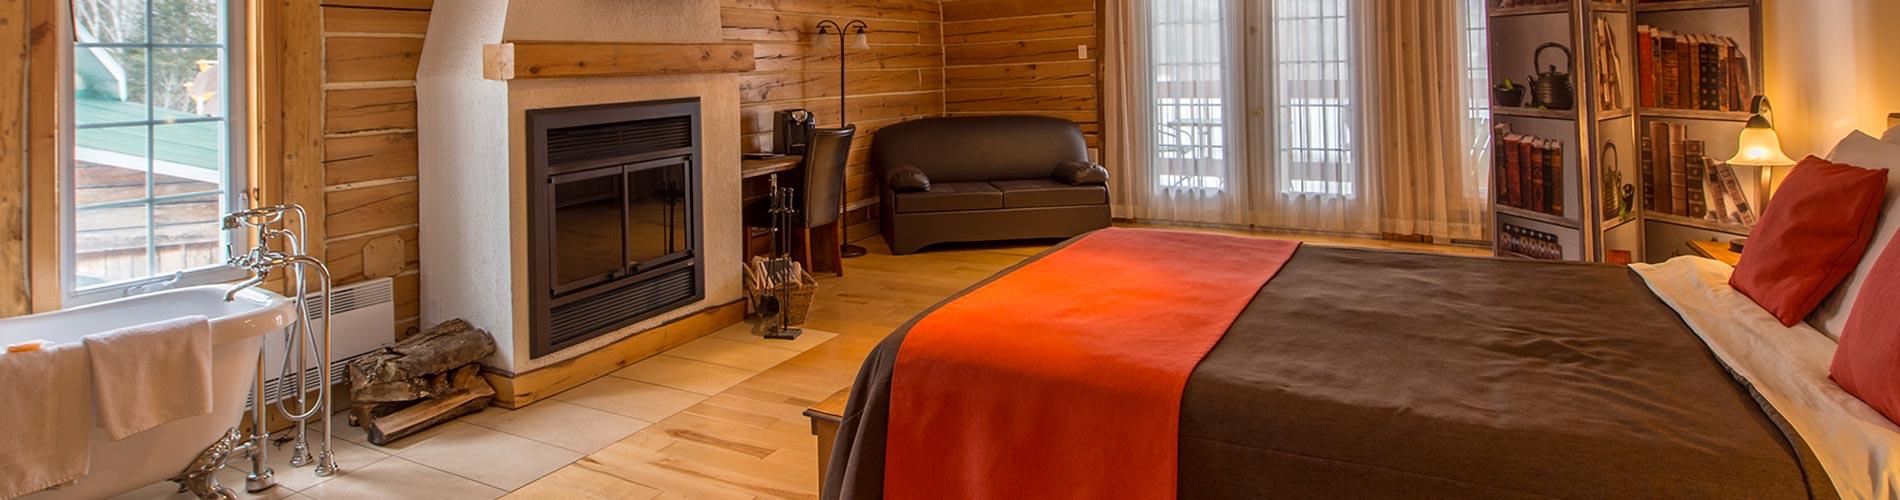 Bannière Chambre luxueuse avec foyer au bois & bain sur pattes